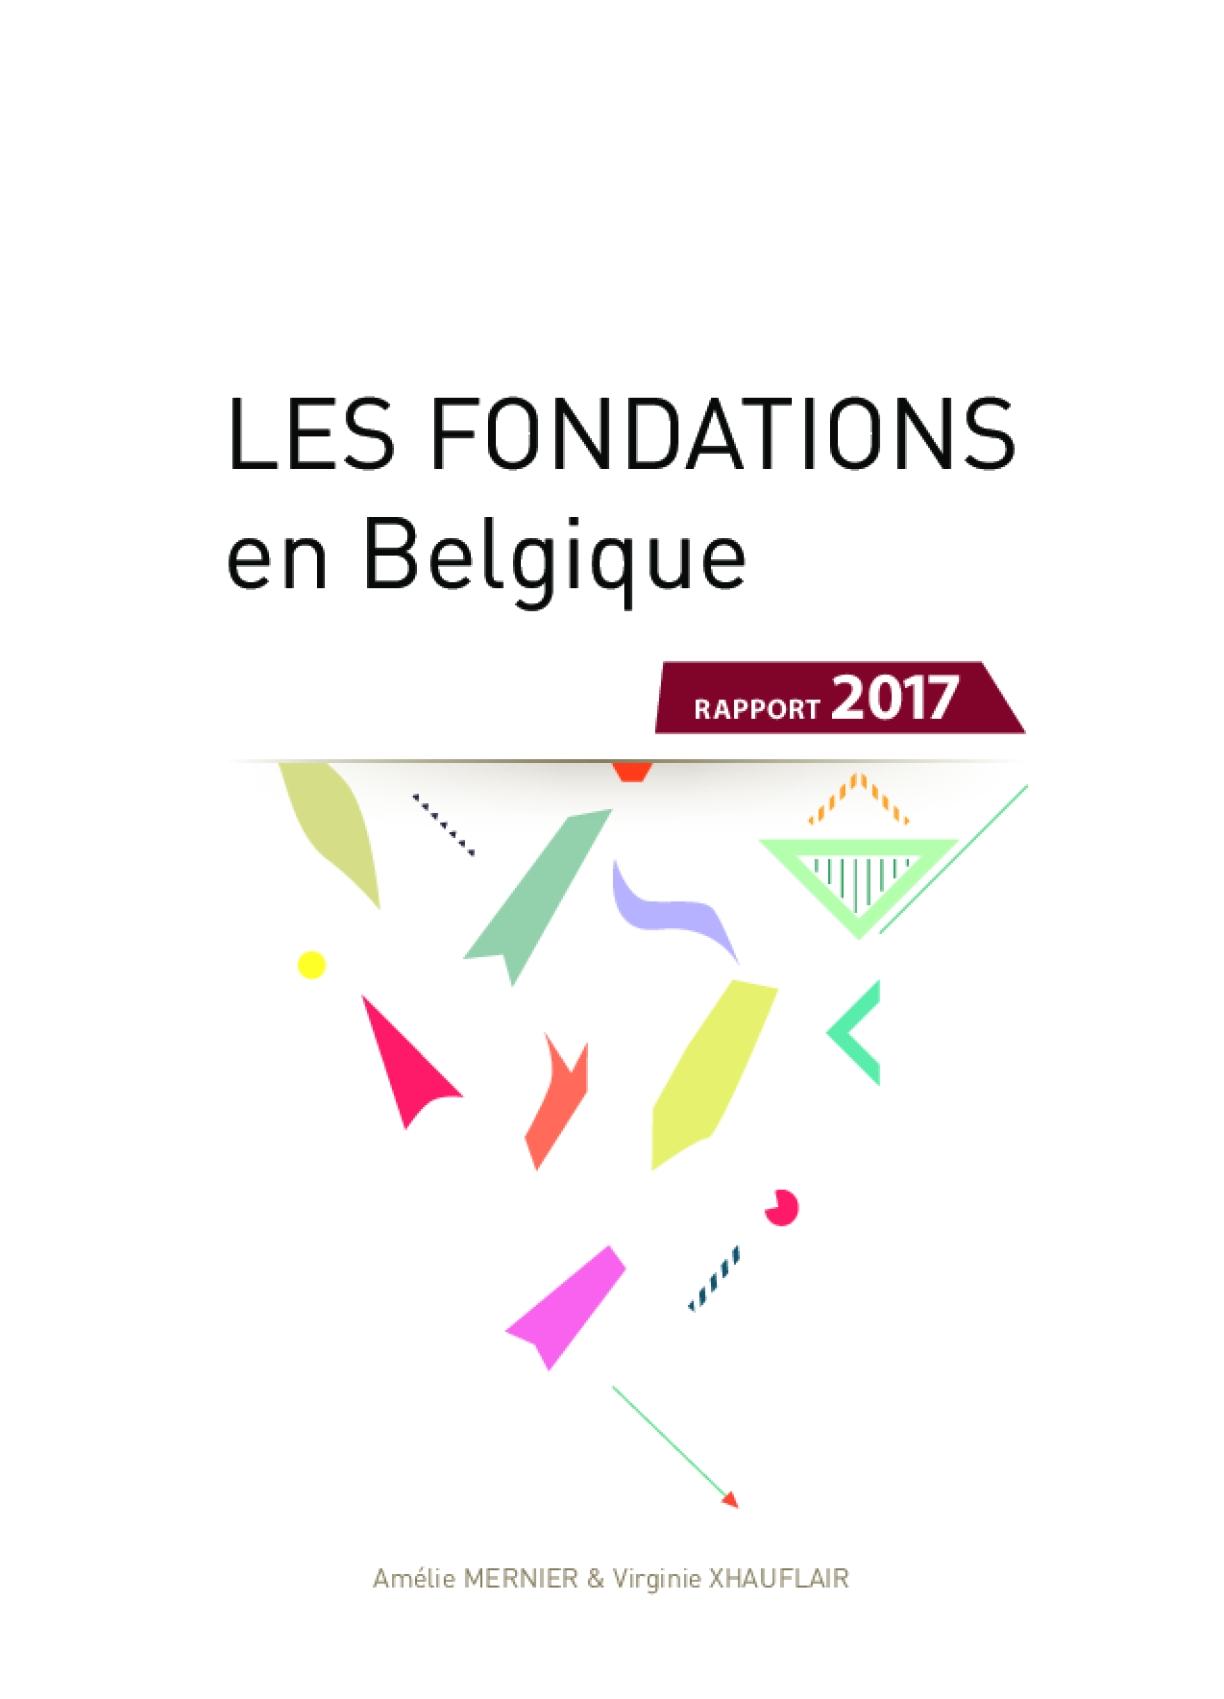 Les fondations en Belgique